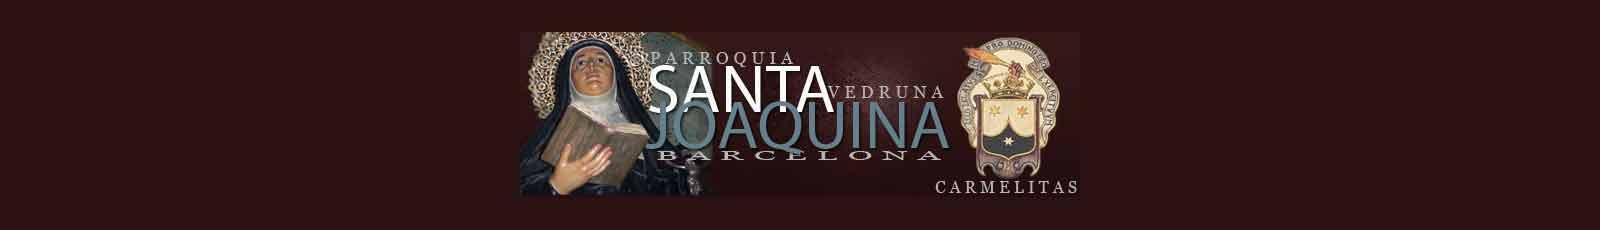 Parroquia Santa Joaquina Vedruna